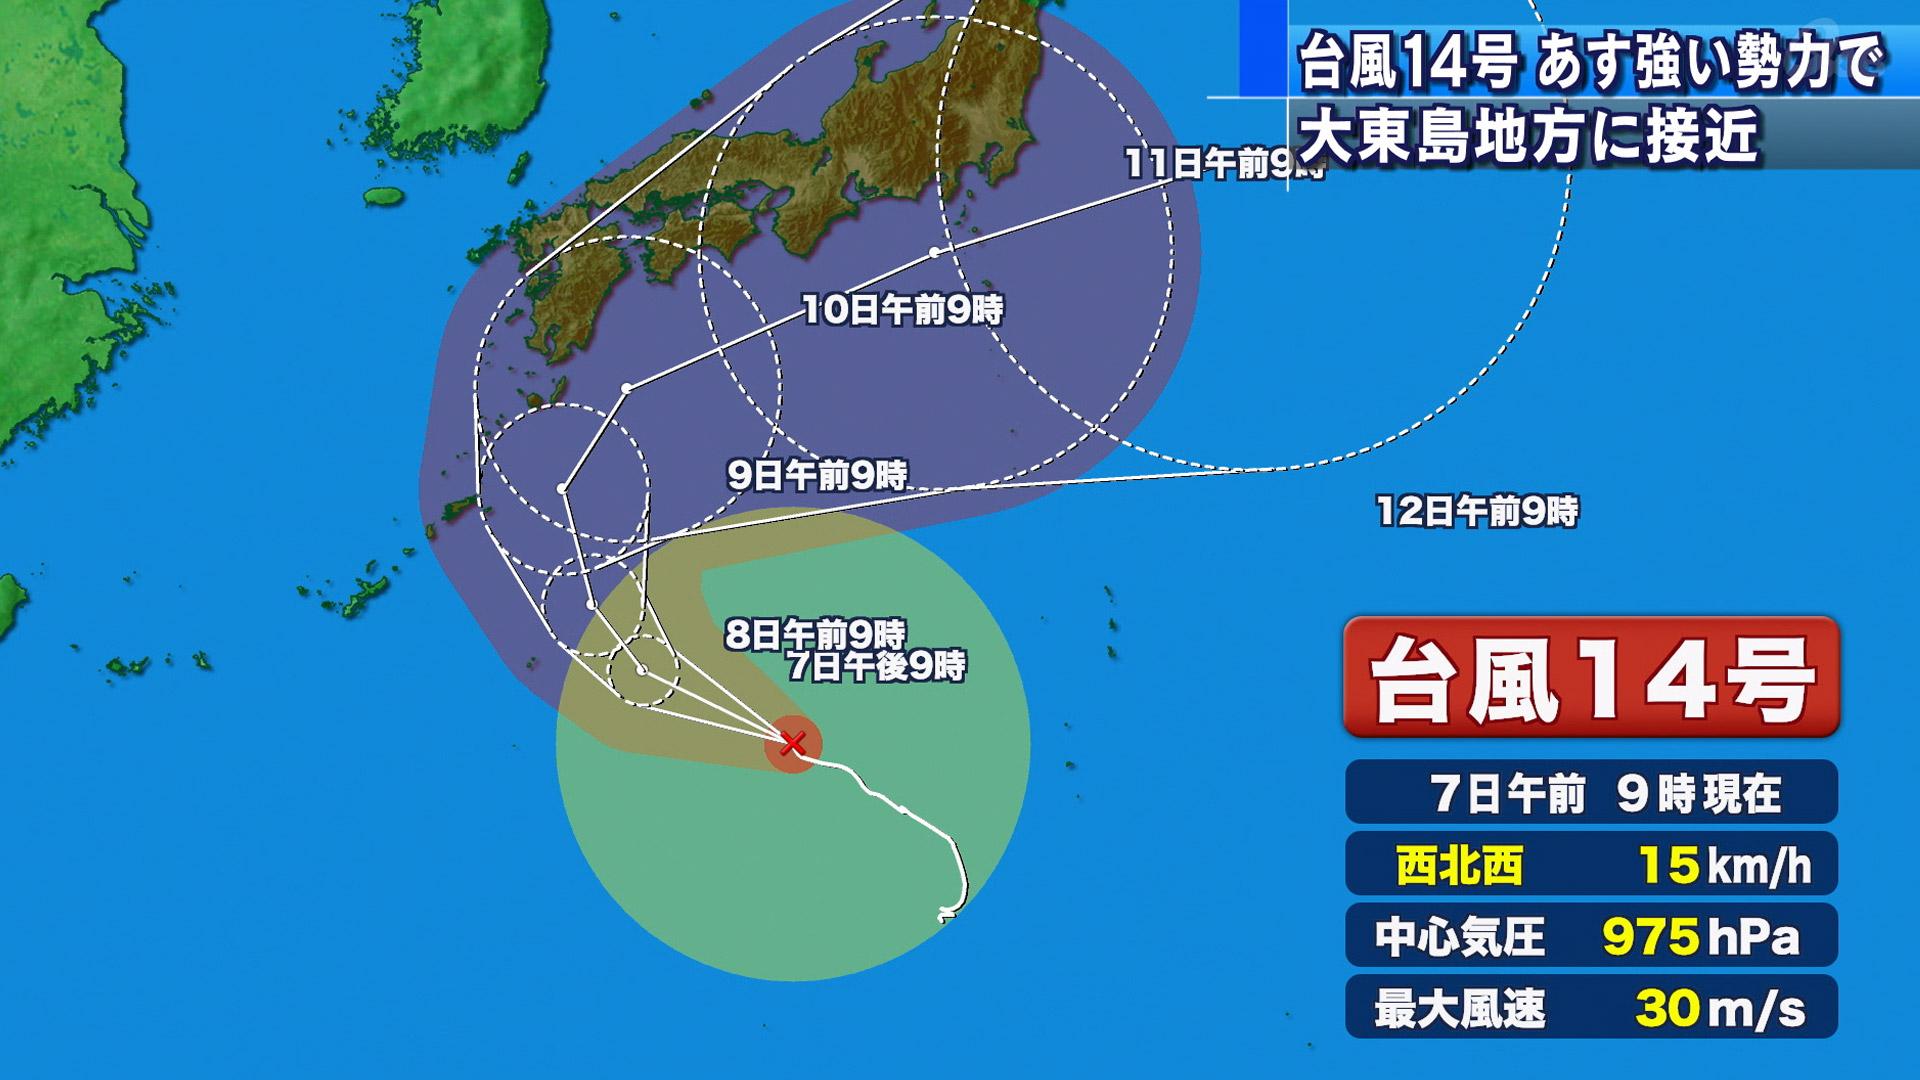 台風14号 あす強い勢力で大東島地方に接近